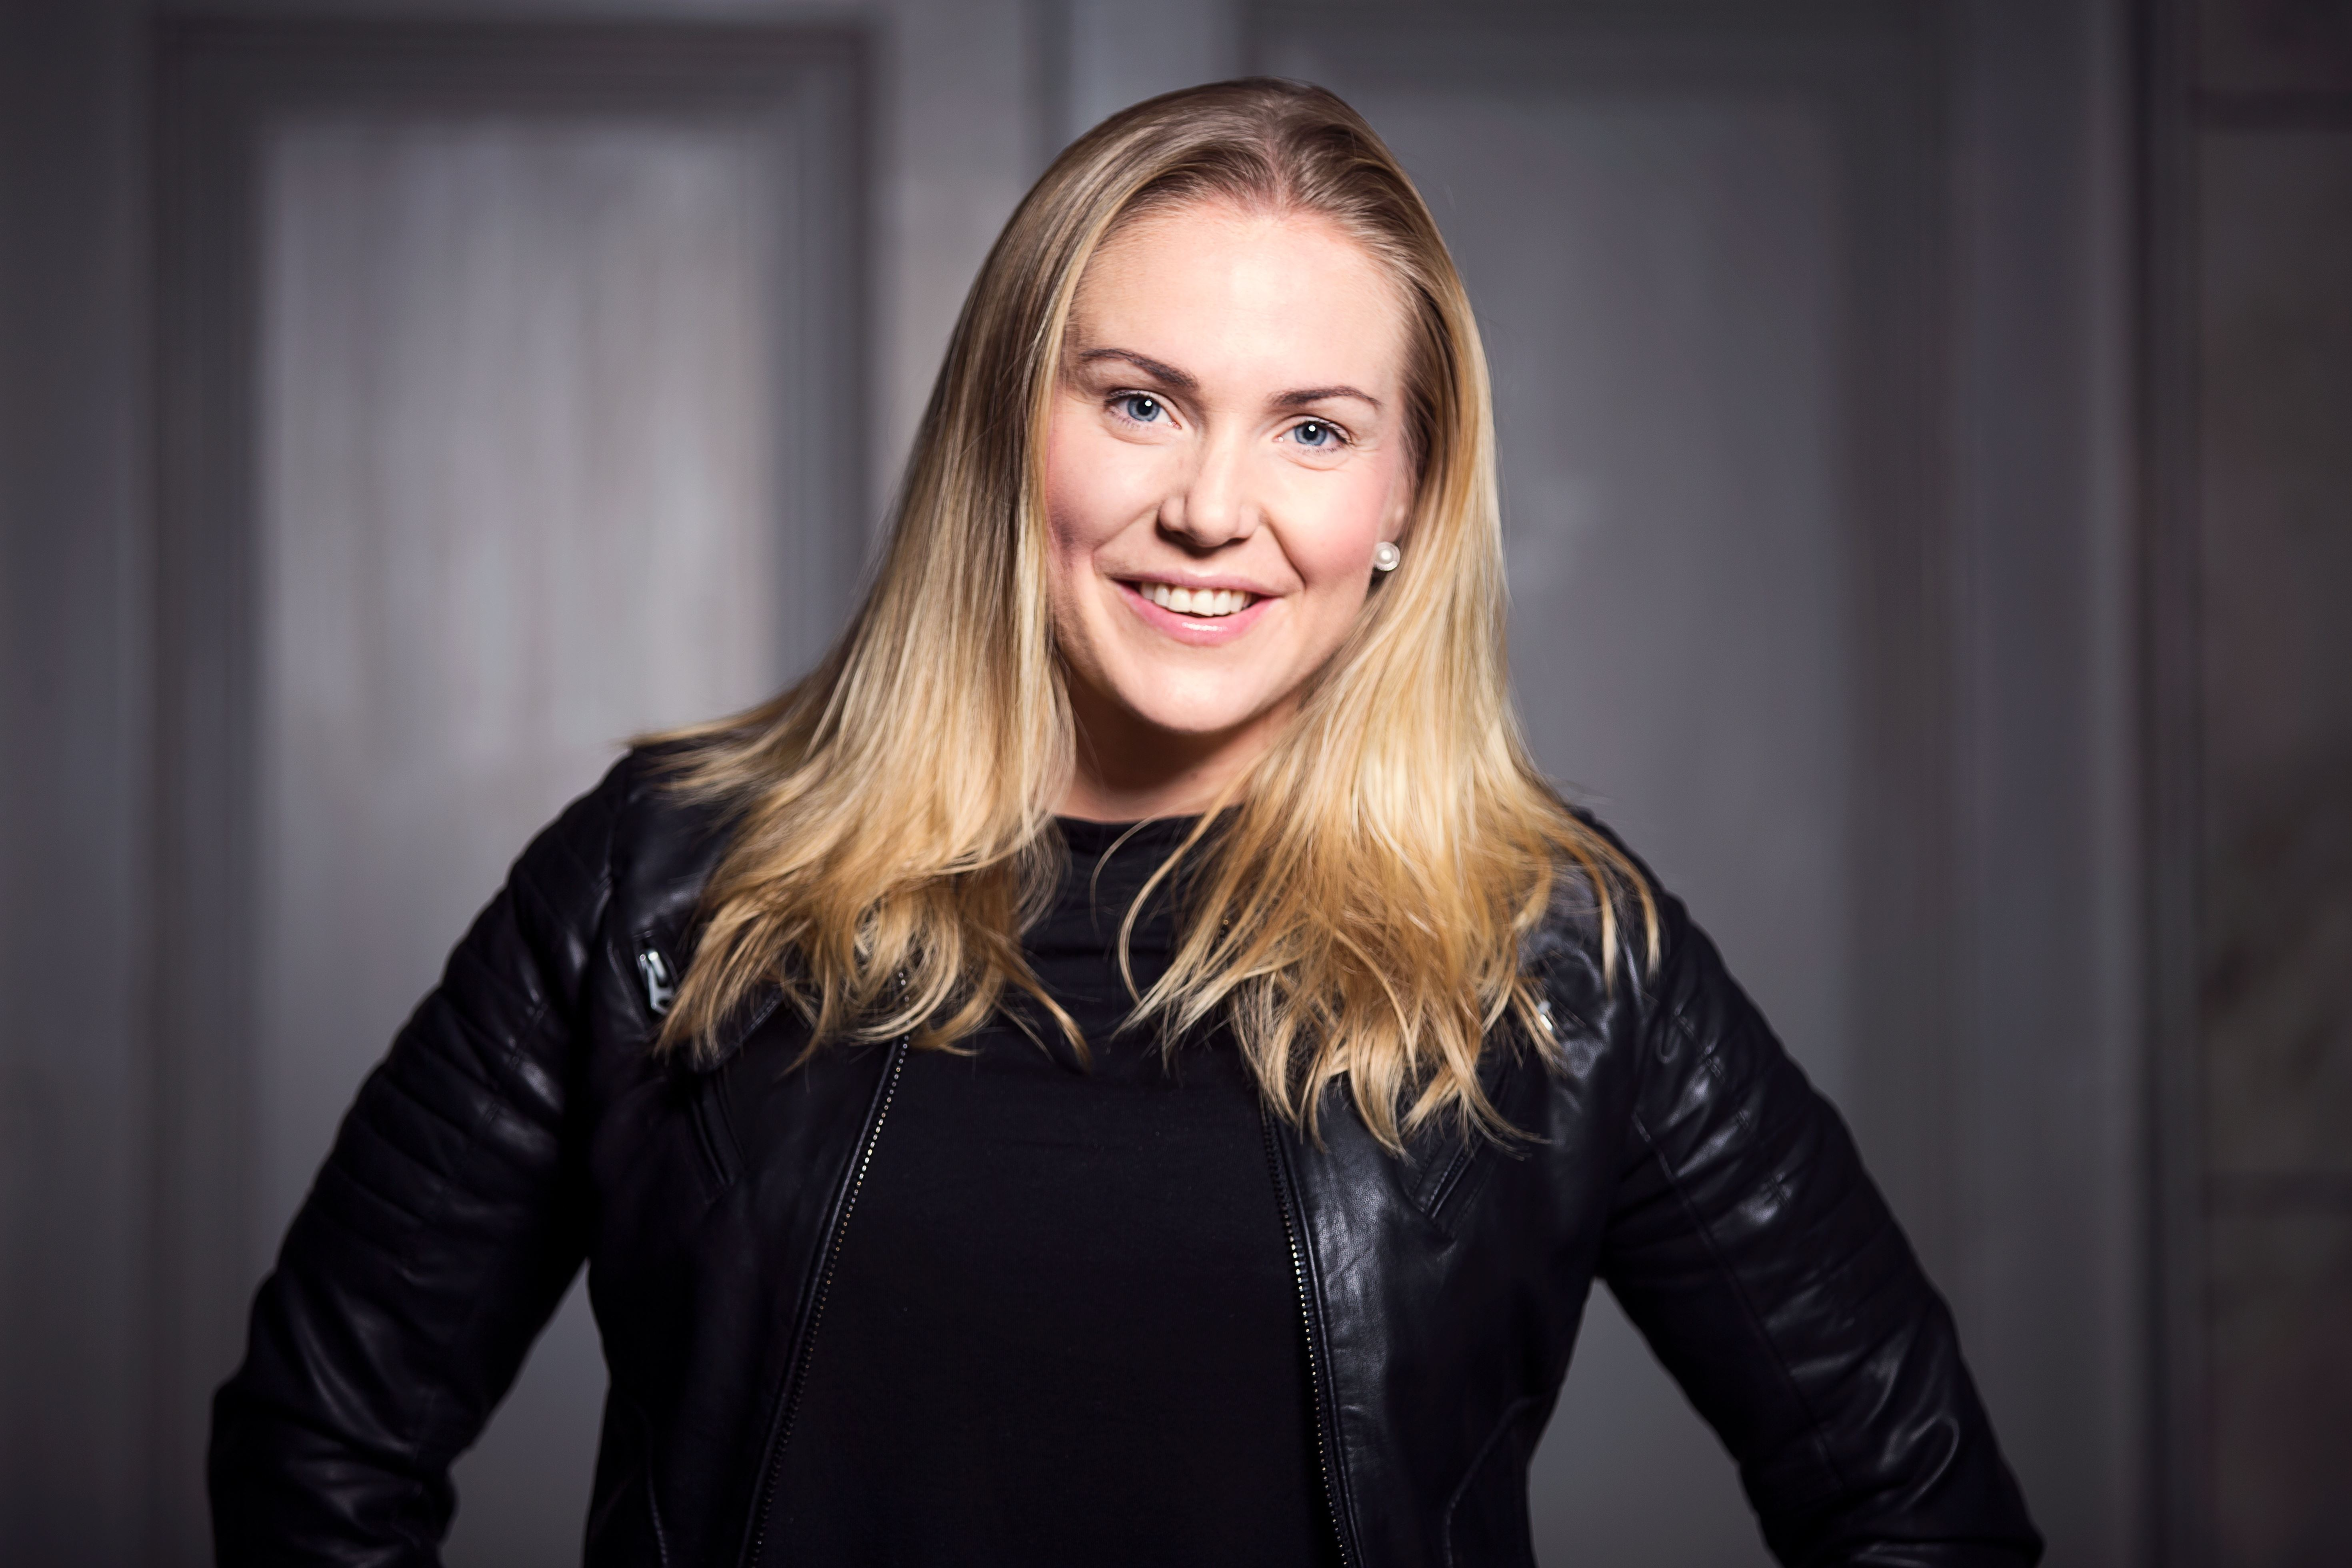 """Föreläsning: Lofsans underverk - Föreläsning med Lovisa """"Lofsan"""" Sandström"""